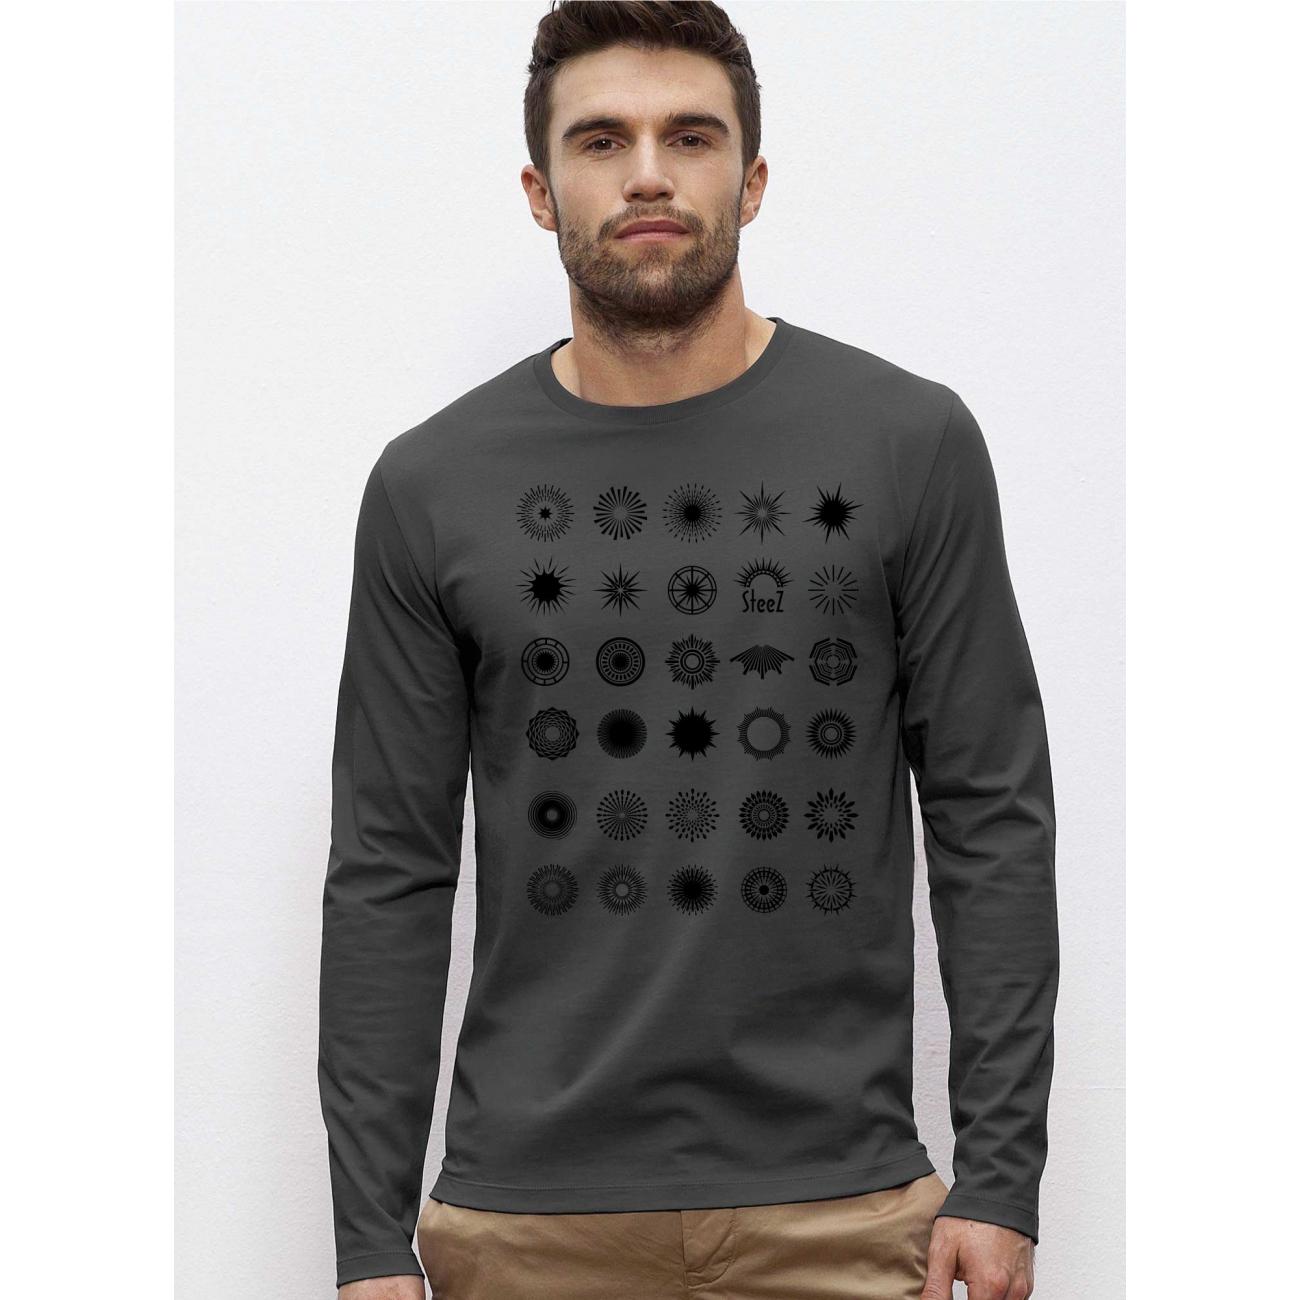 https://tee-shirt-bio.com/2884-thickbox_default/tee-shirt-homme-manches-longues-coton-bio-doux-equitable-gris-anthracite-imprime-numerique-soleils-noirs-.jpg